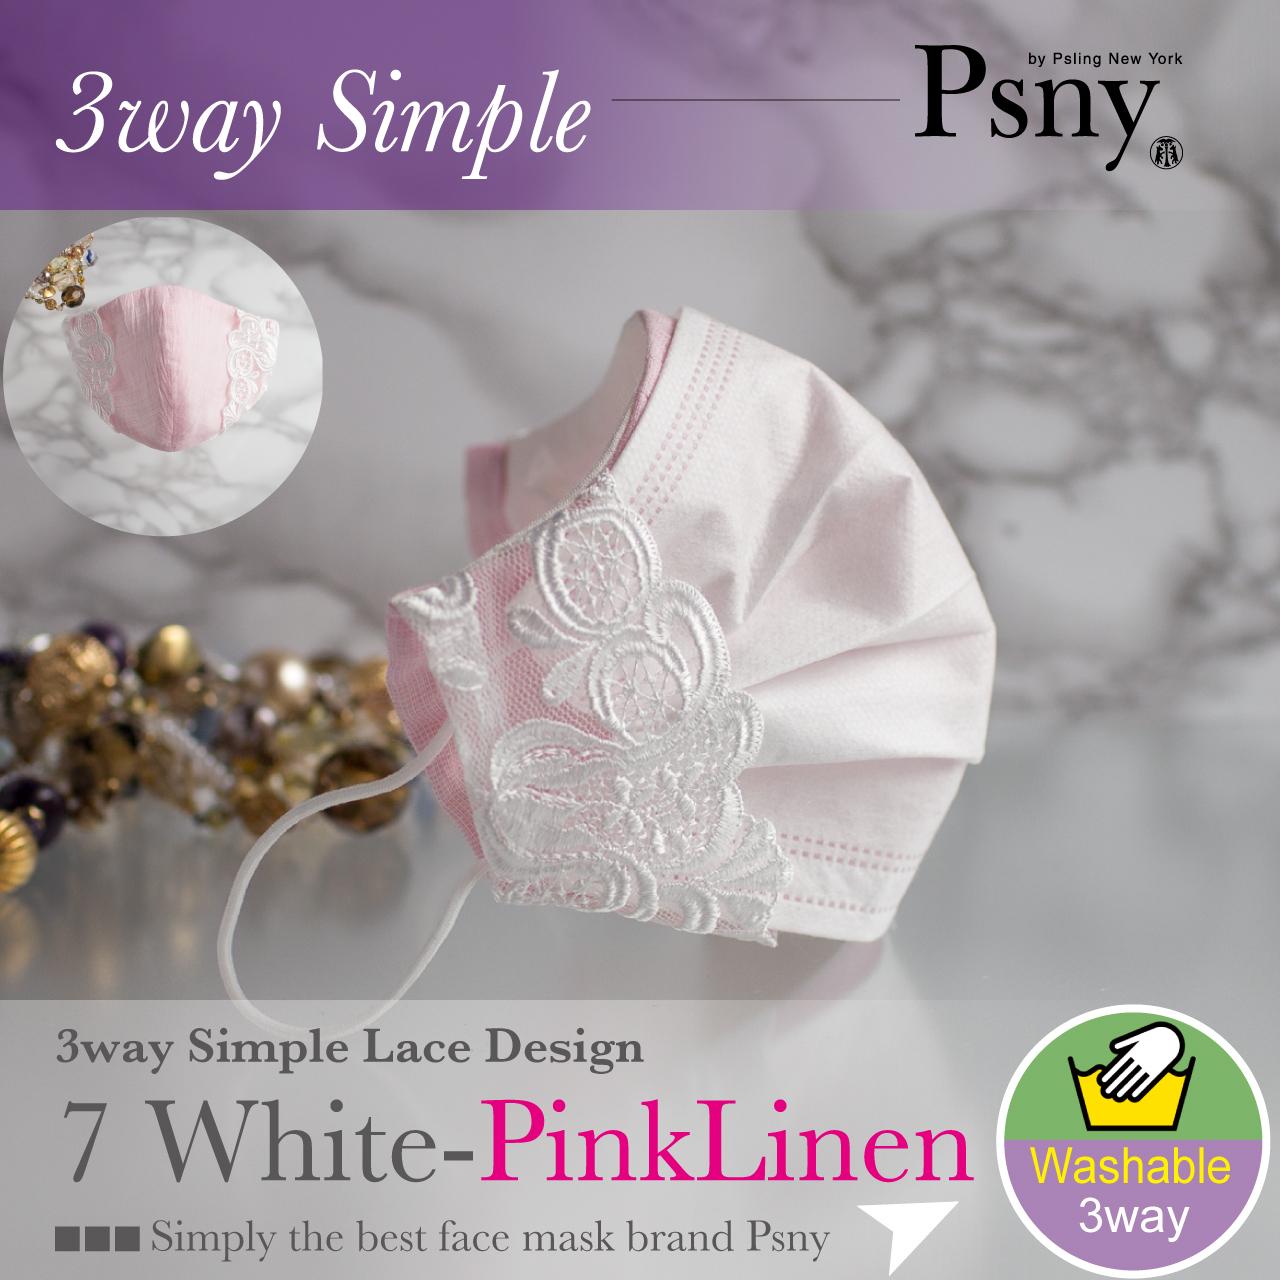 PSNY 送料無料 2way レース 人気 不織布マスクがキレイに見える 美人 高級 シルク 絹 ちぢみ 紐付 ますくかばー マスクカバー 立体 大人用 マスク ツーウェイ 3way タイプ7-2W7